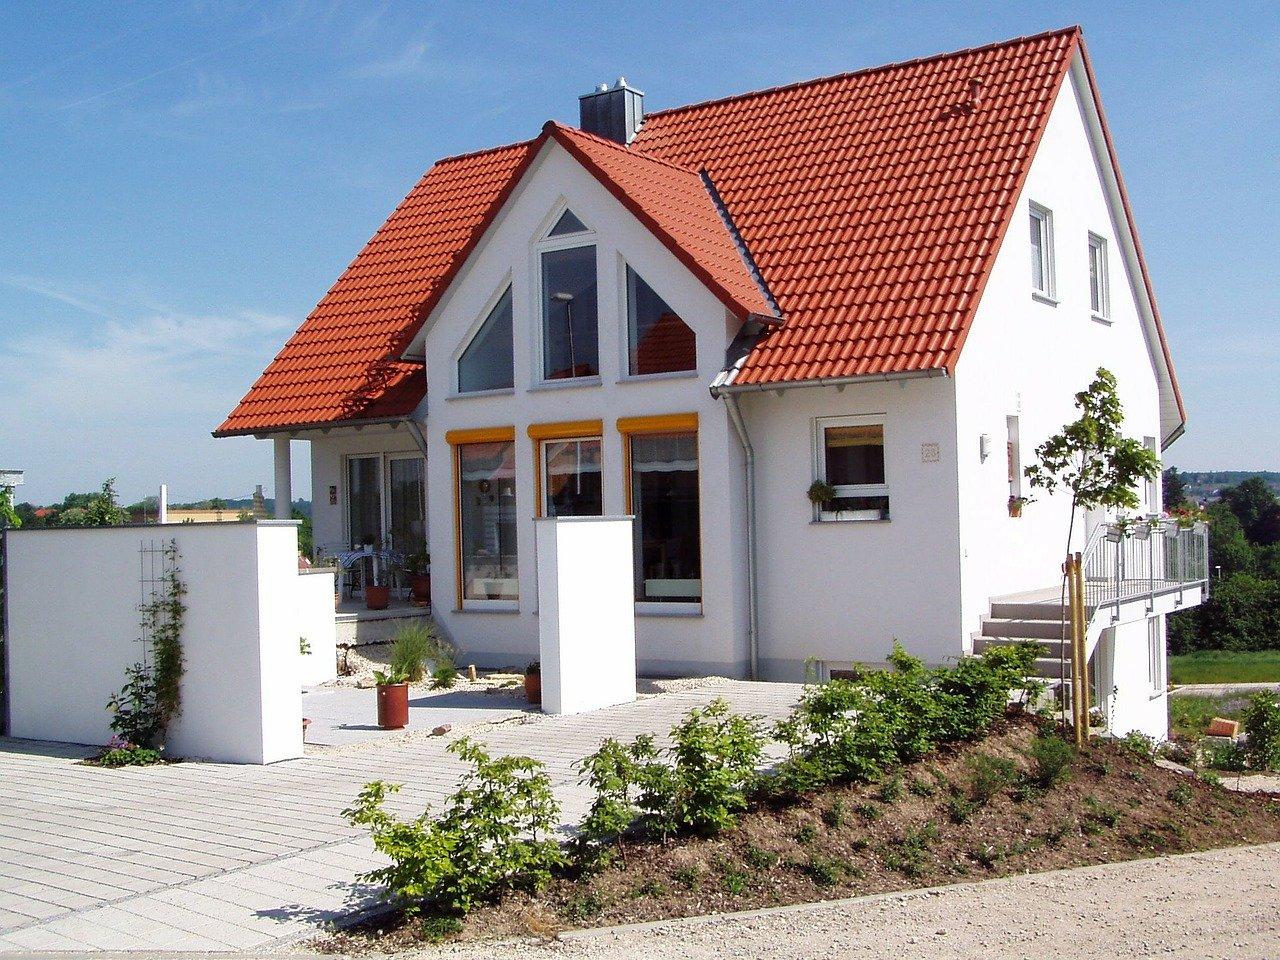 Das eigene Haus richtig planen - was ist bei der Planung zu beachten?